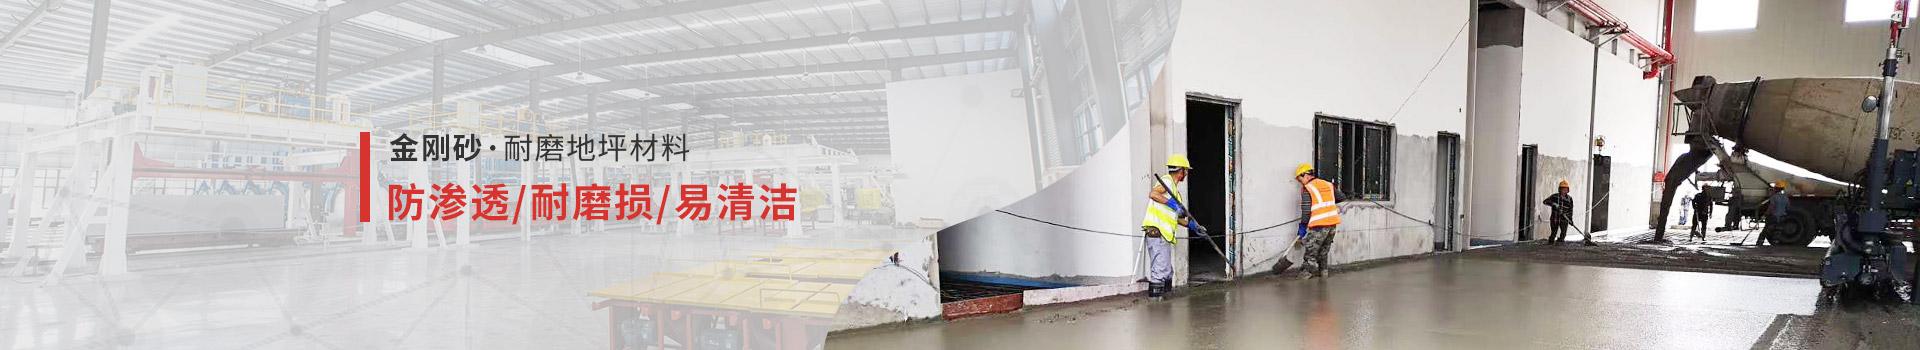 优耐金刚砂耐磨地坪材料防渗透/耐磨损/易清洁